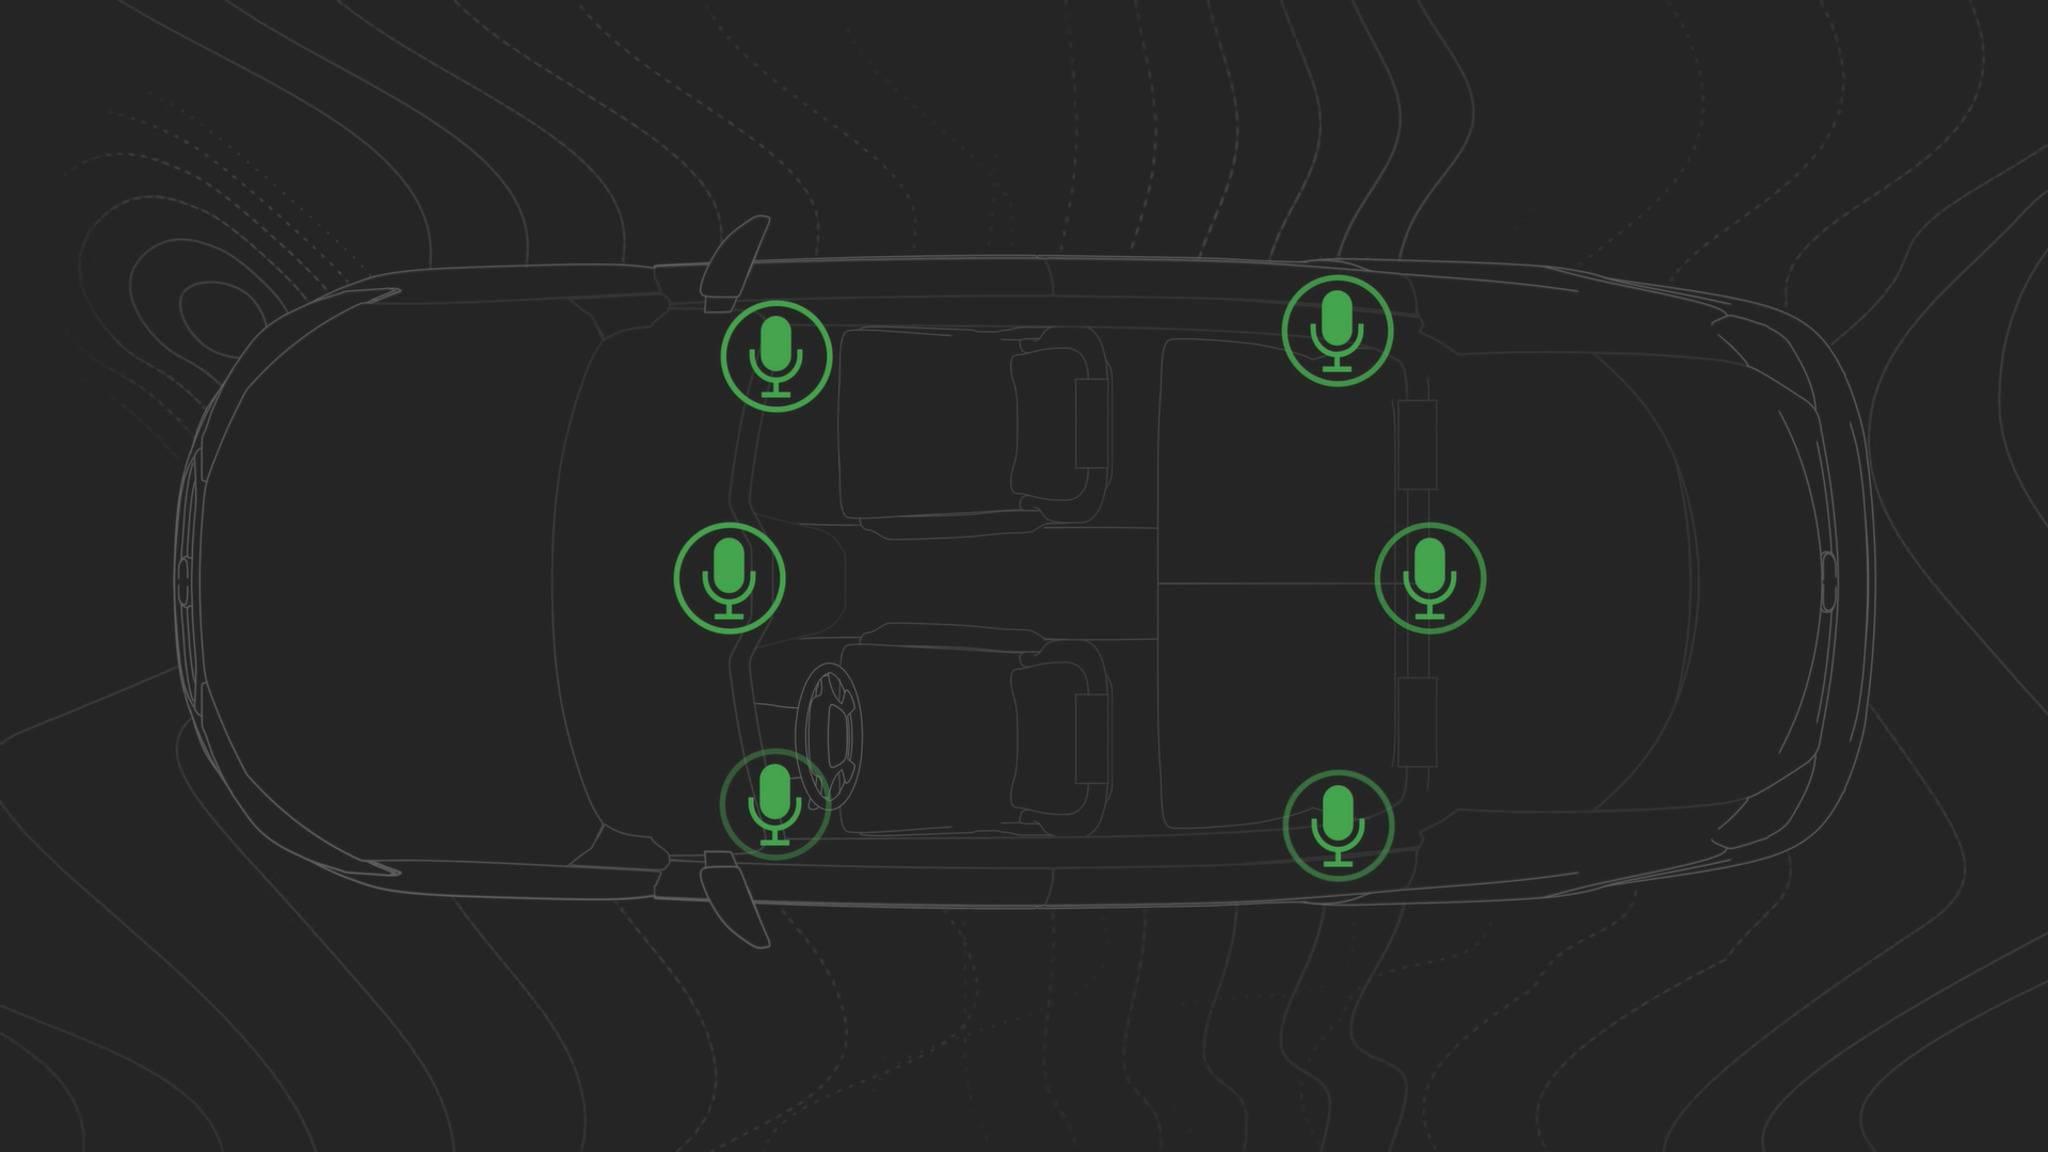 Mikrofone helfen bei der Lärmunterdrückung im Inneren von Autos.